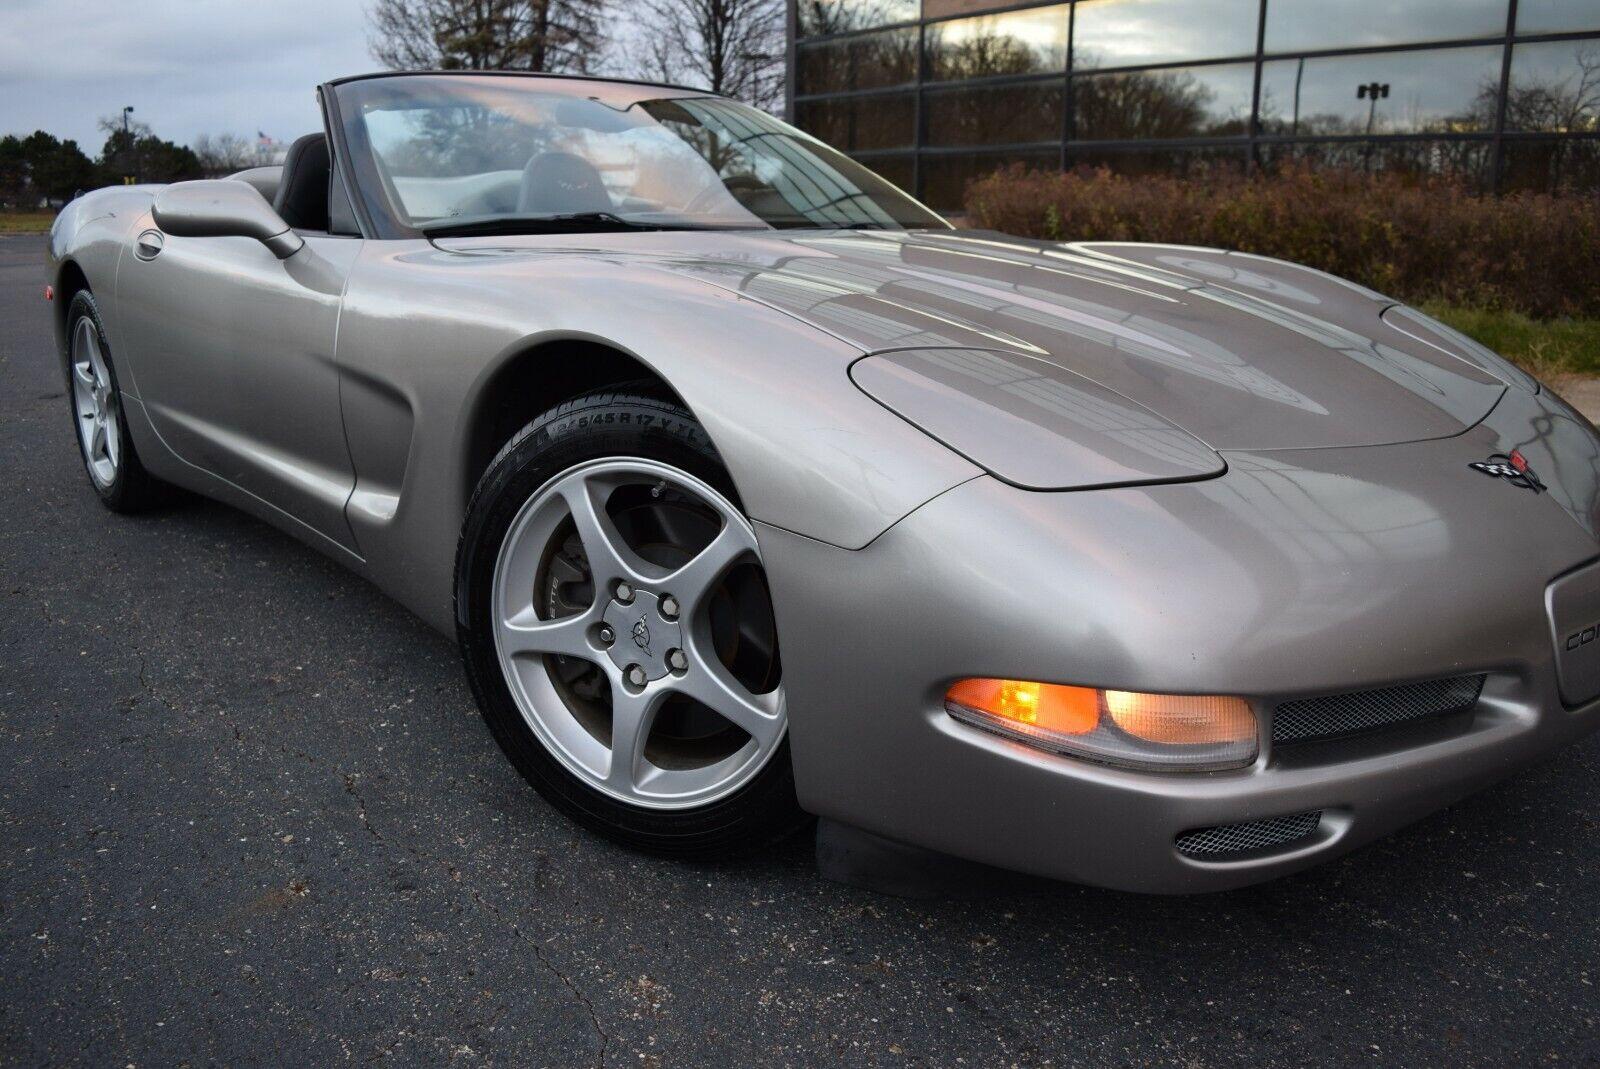 2001 CHAMPAGNE METALLIC Chevrolet Corvette   | C5 Corvette Photo 1